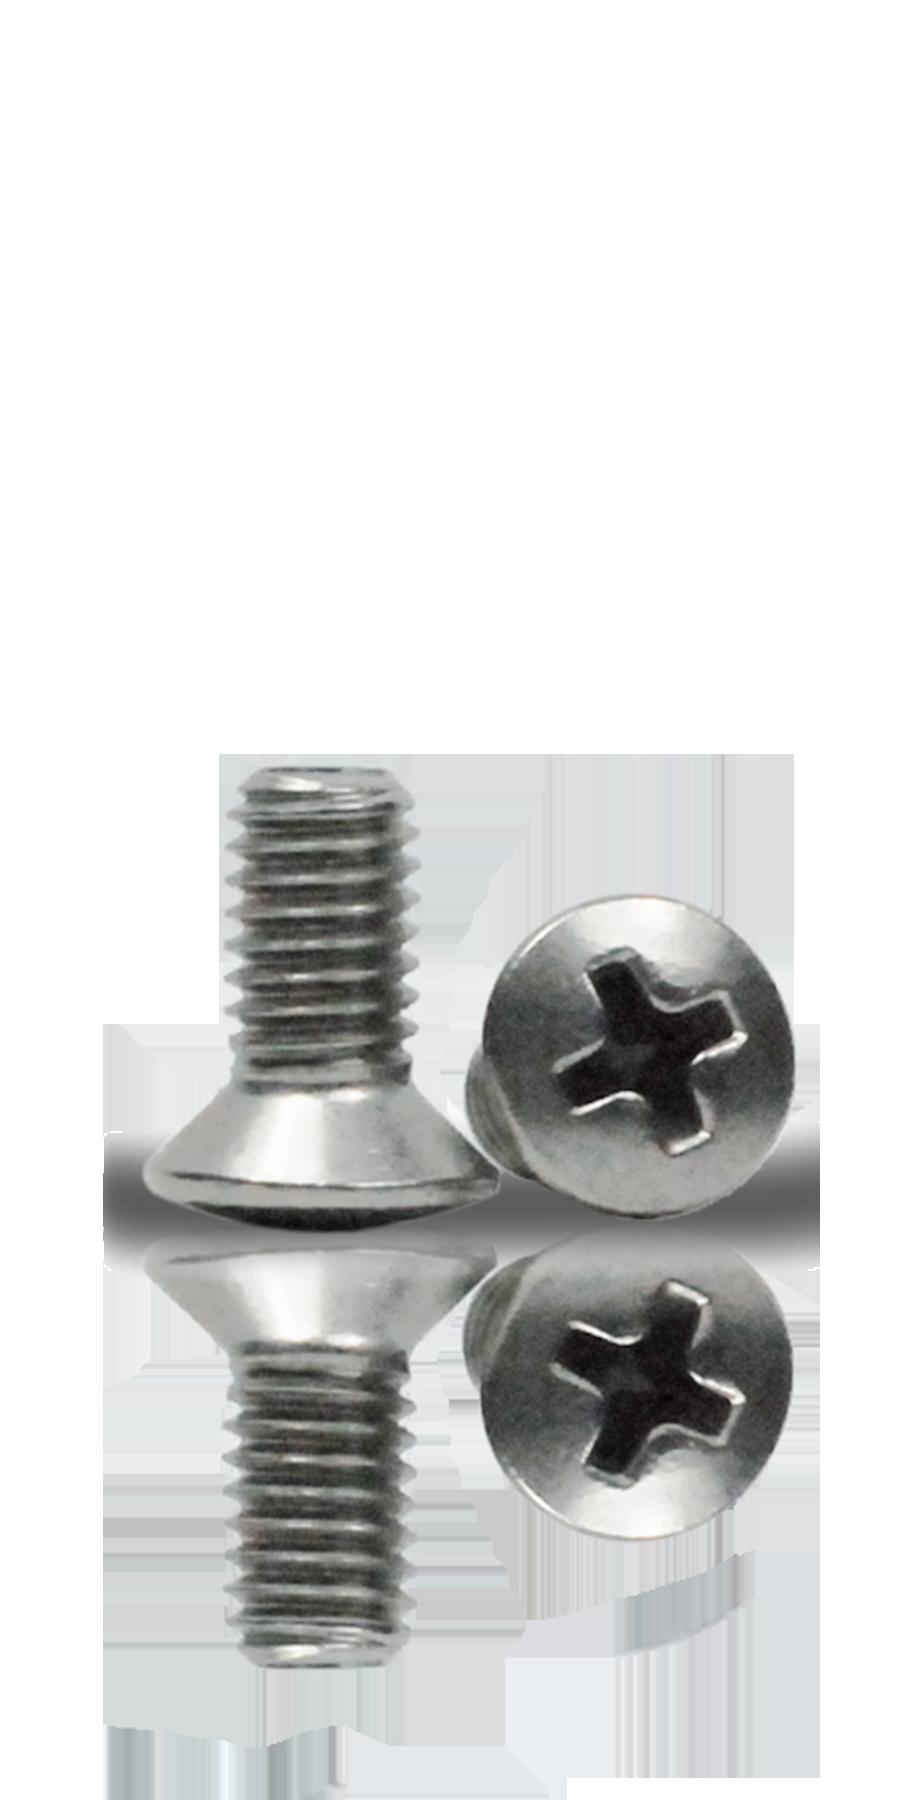 Viti per accessori alluminio 11